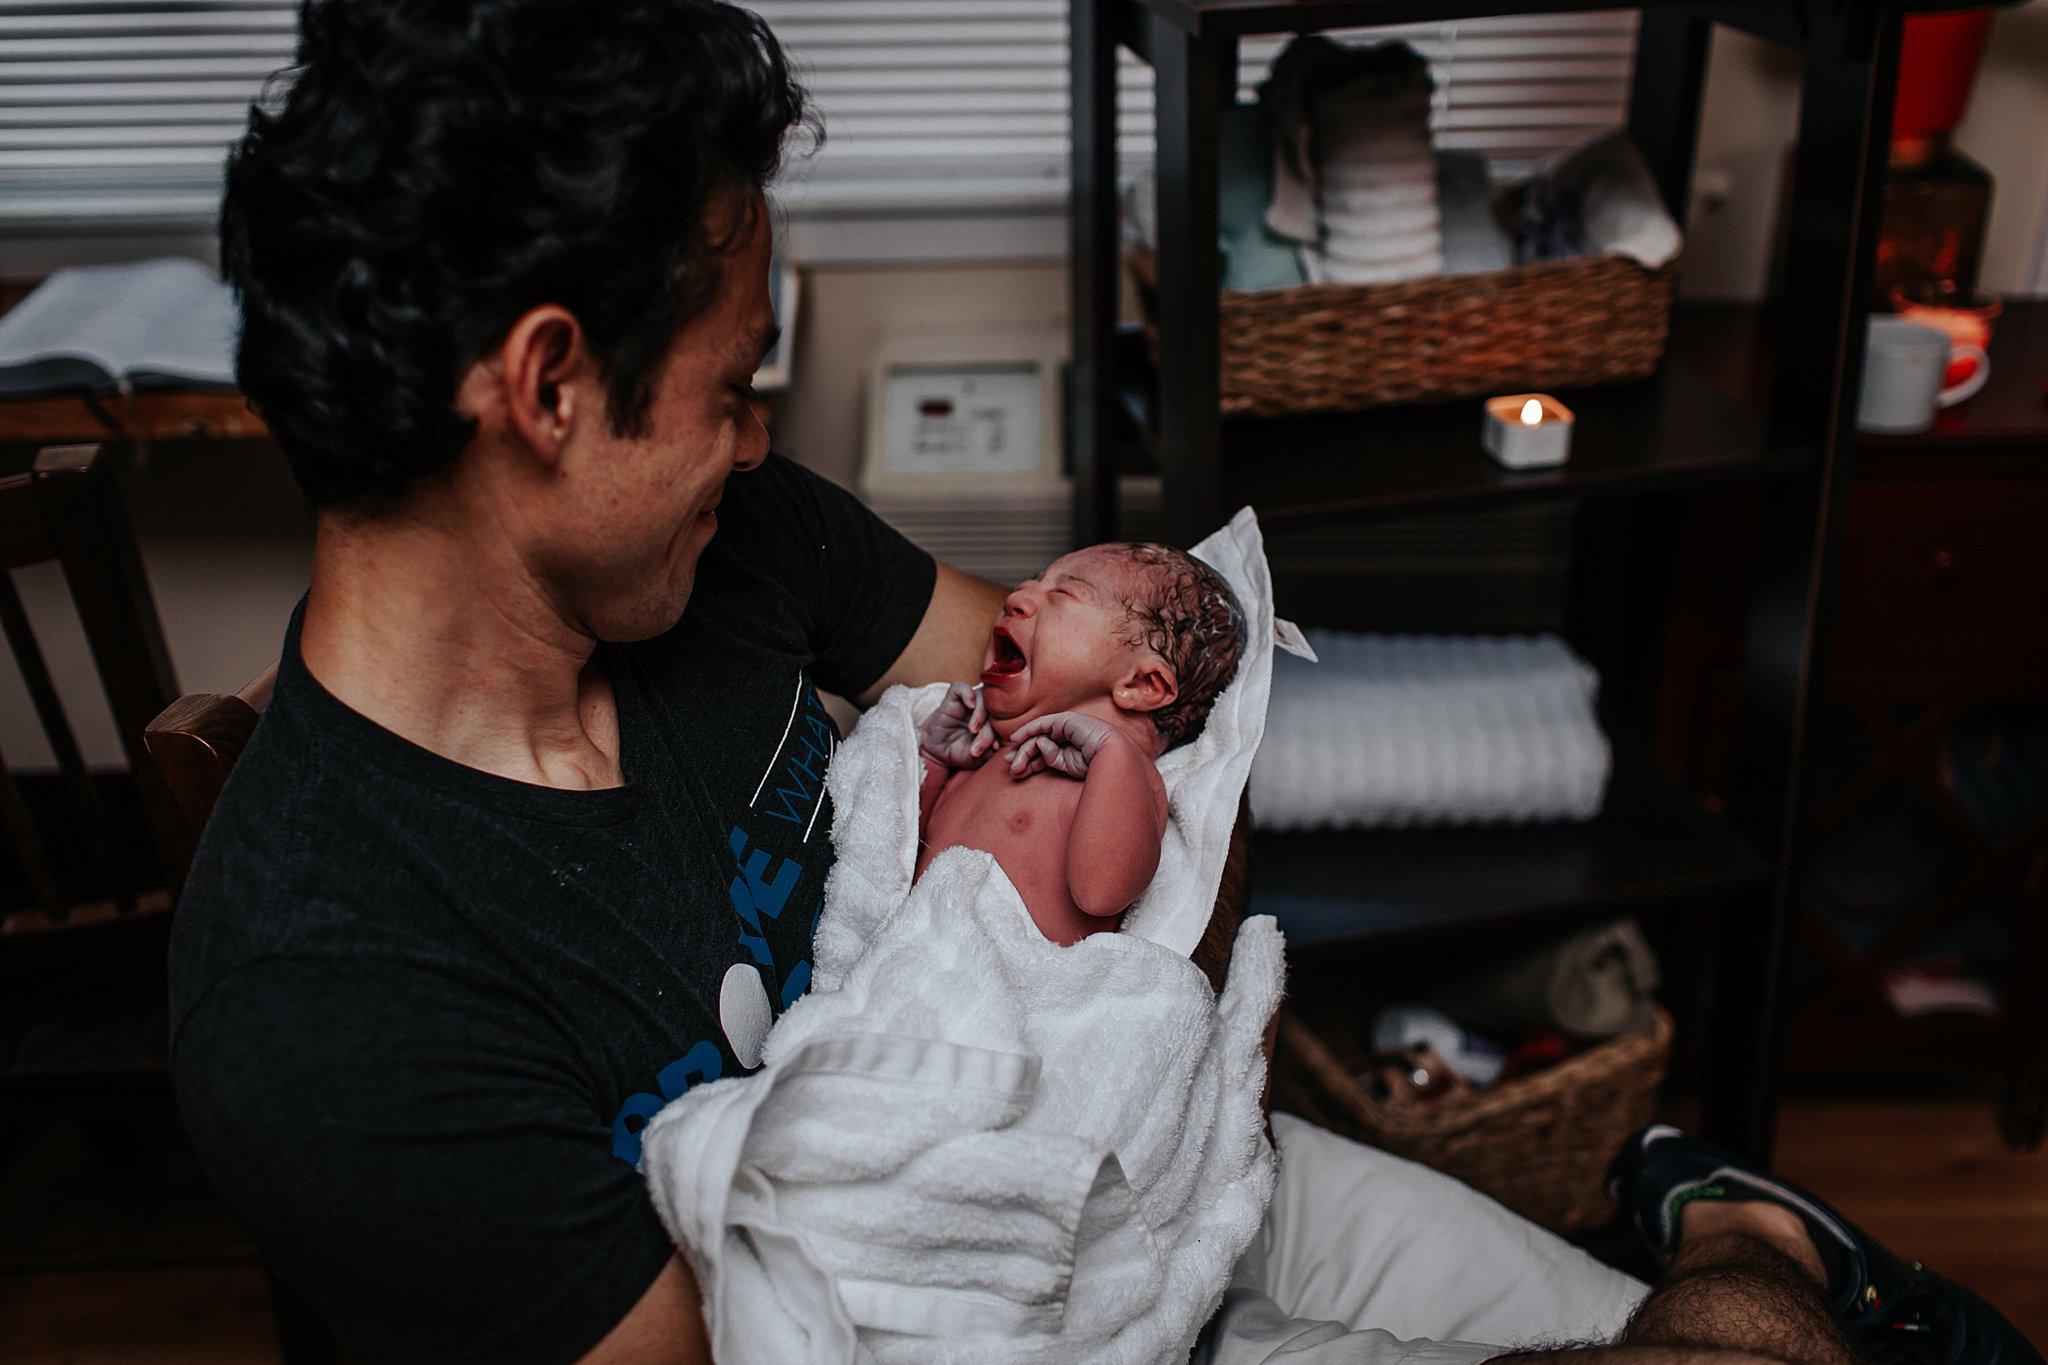 Gemma-San-Antonio-Birth-Photographer-169_WEB.jpg